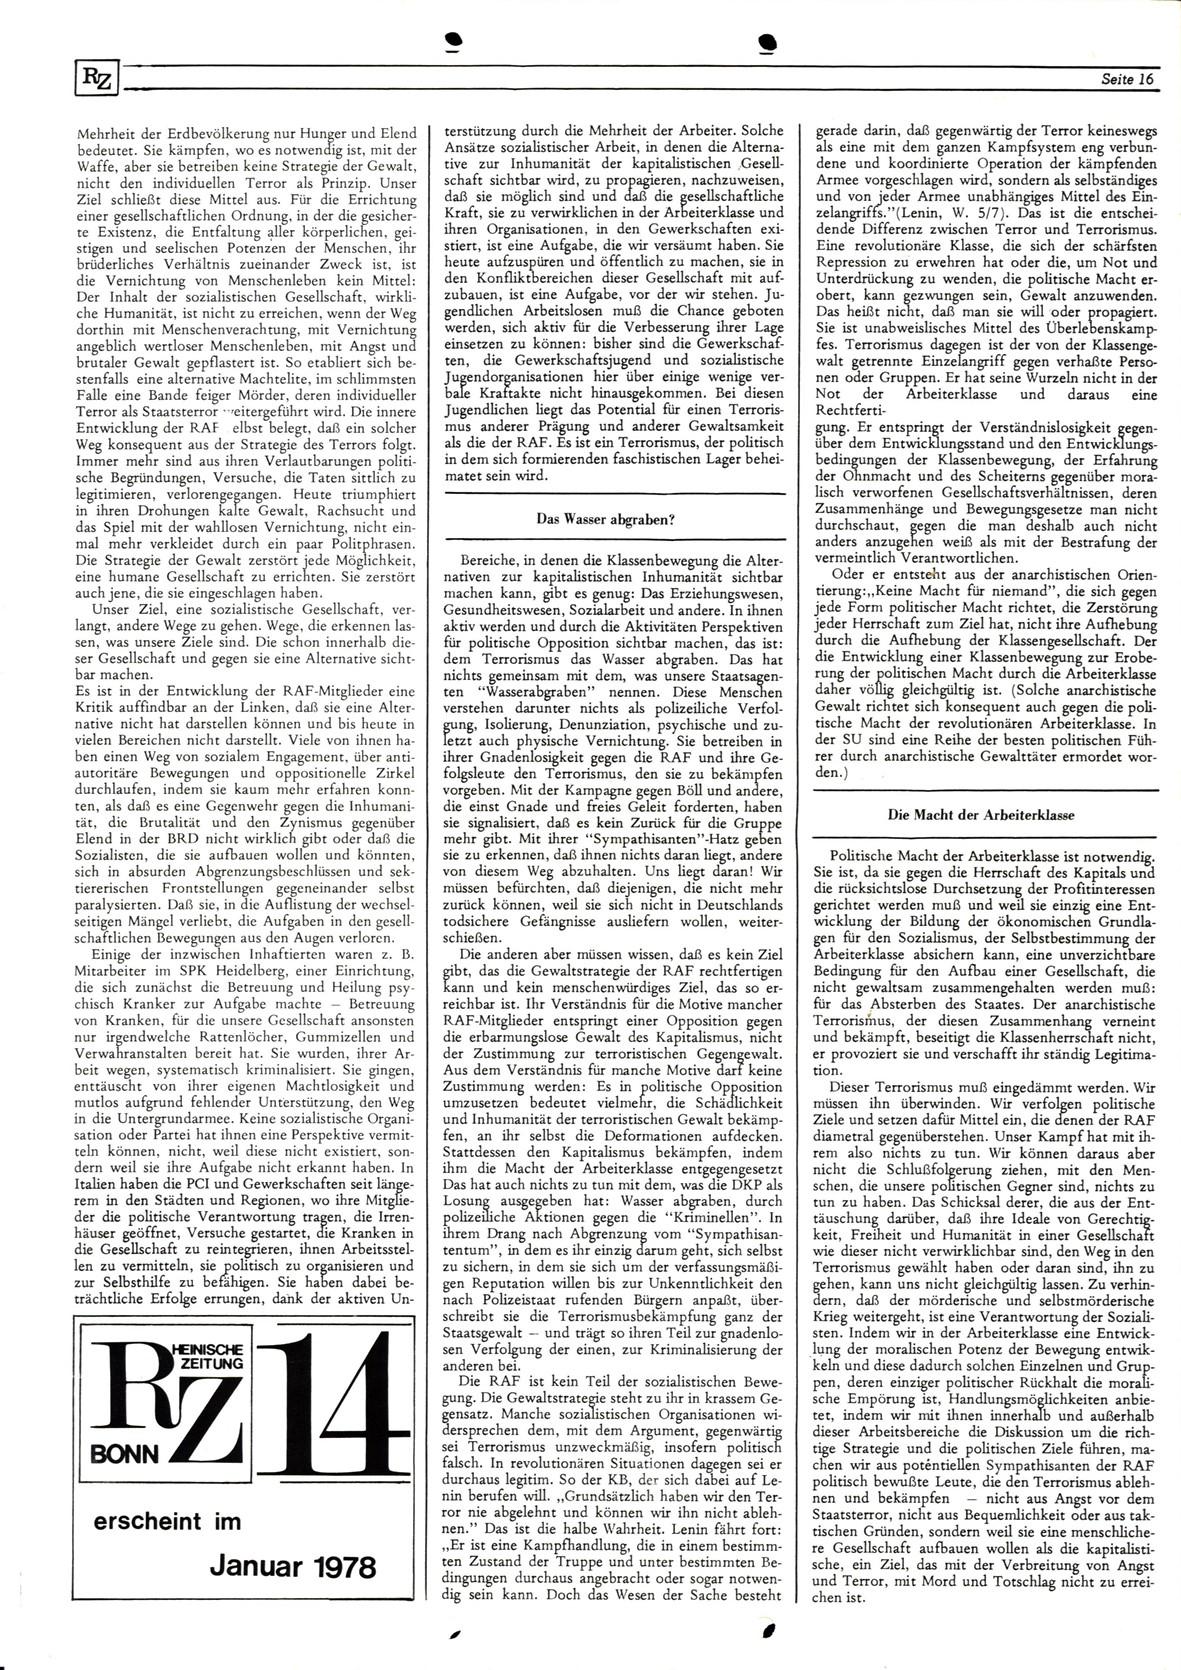 Bonn_RZ_13_19771200_16